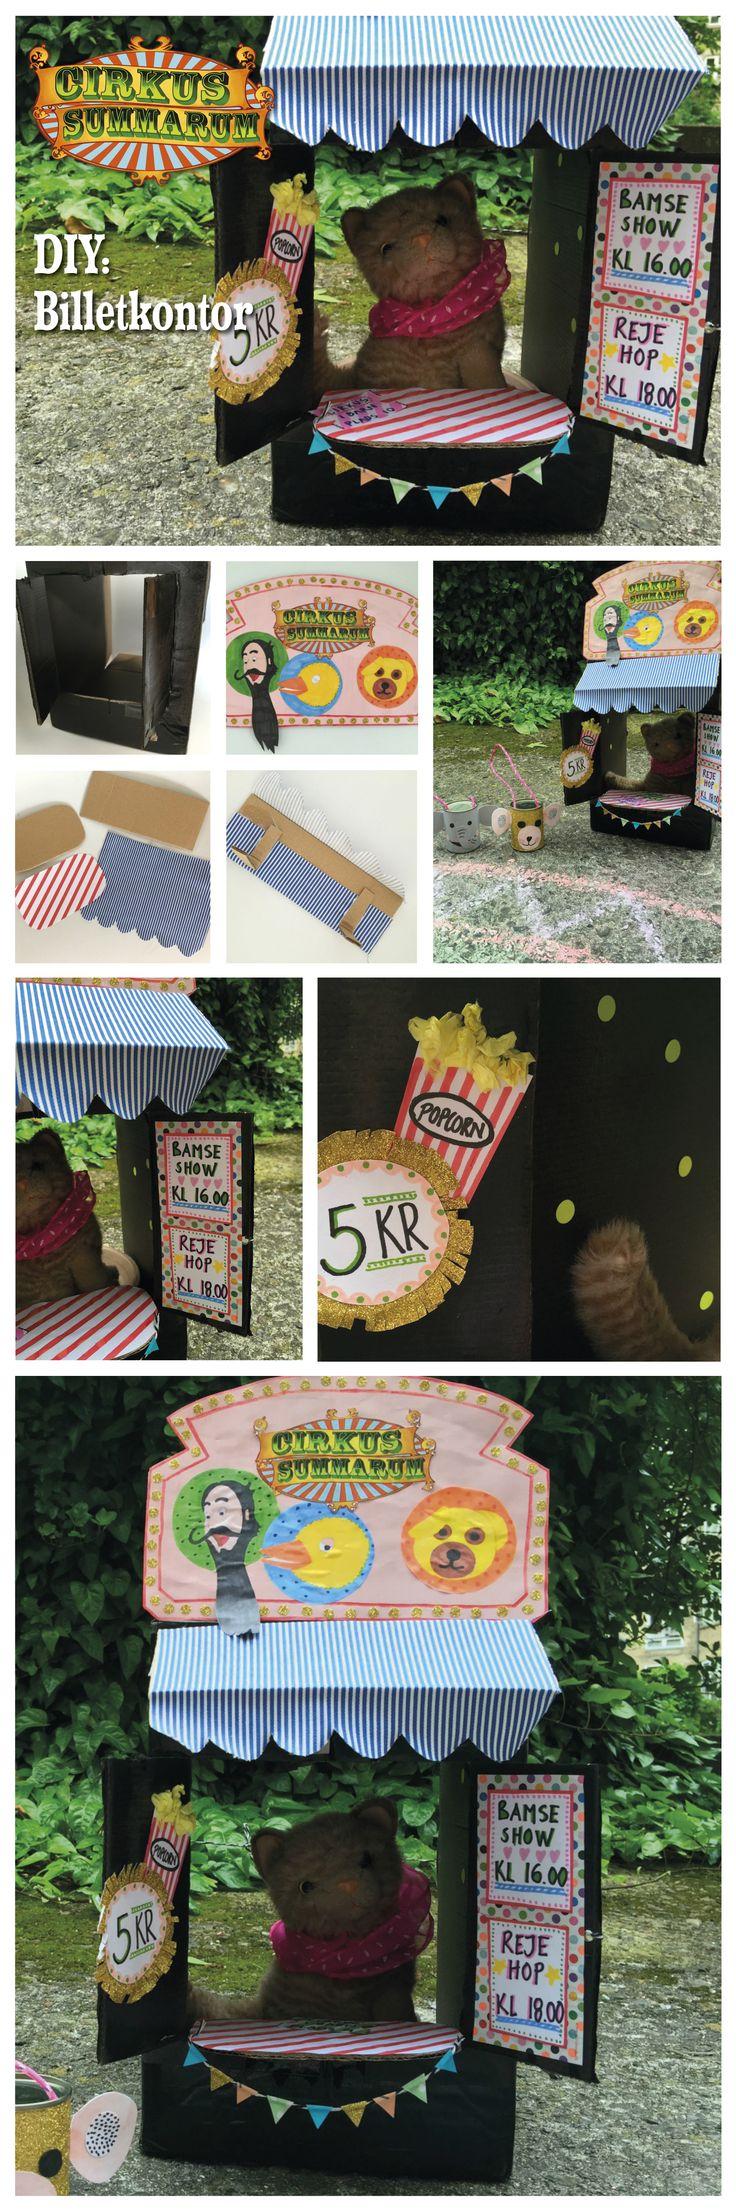 DIY dit eget billetkontor til dine bamser eller dukker. Læs mere påp www.cirkussummarum.dk. DIY'en er lavet af @LeizyB